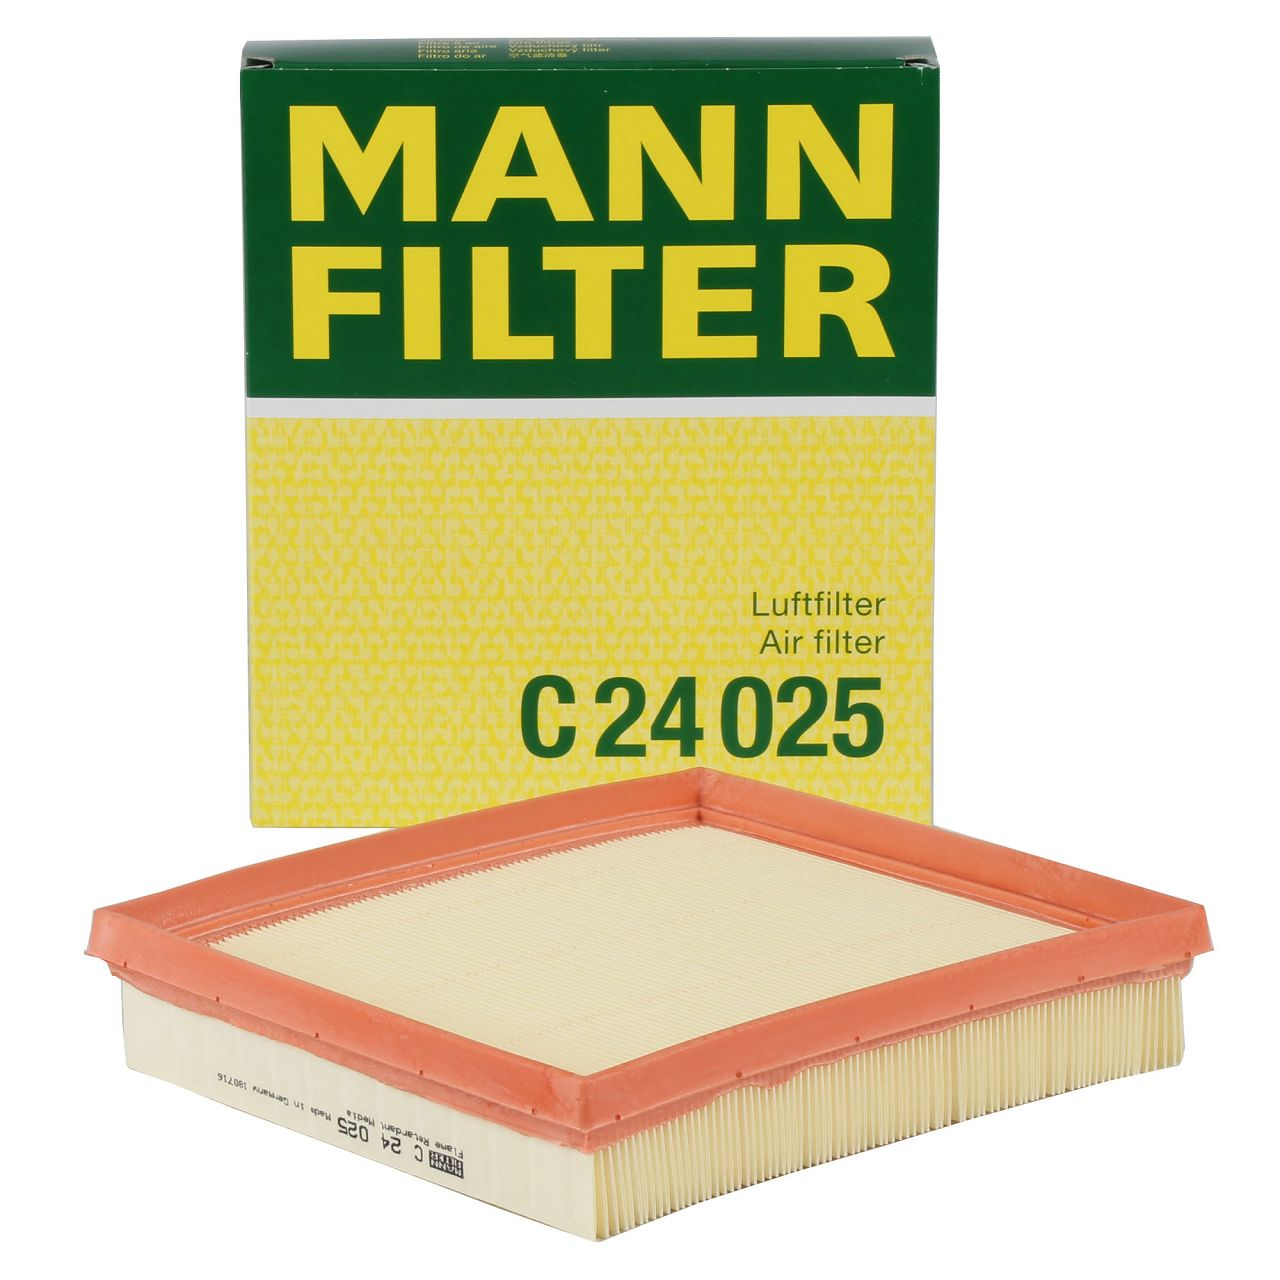 MANN C24025 Luftfilter für BMW F20/21 F22/23 F30-34 F32-36 4-Zylinder Benziner